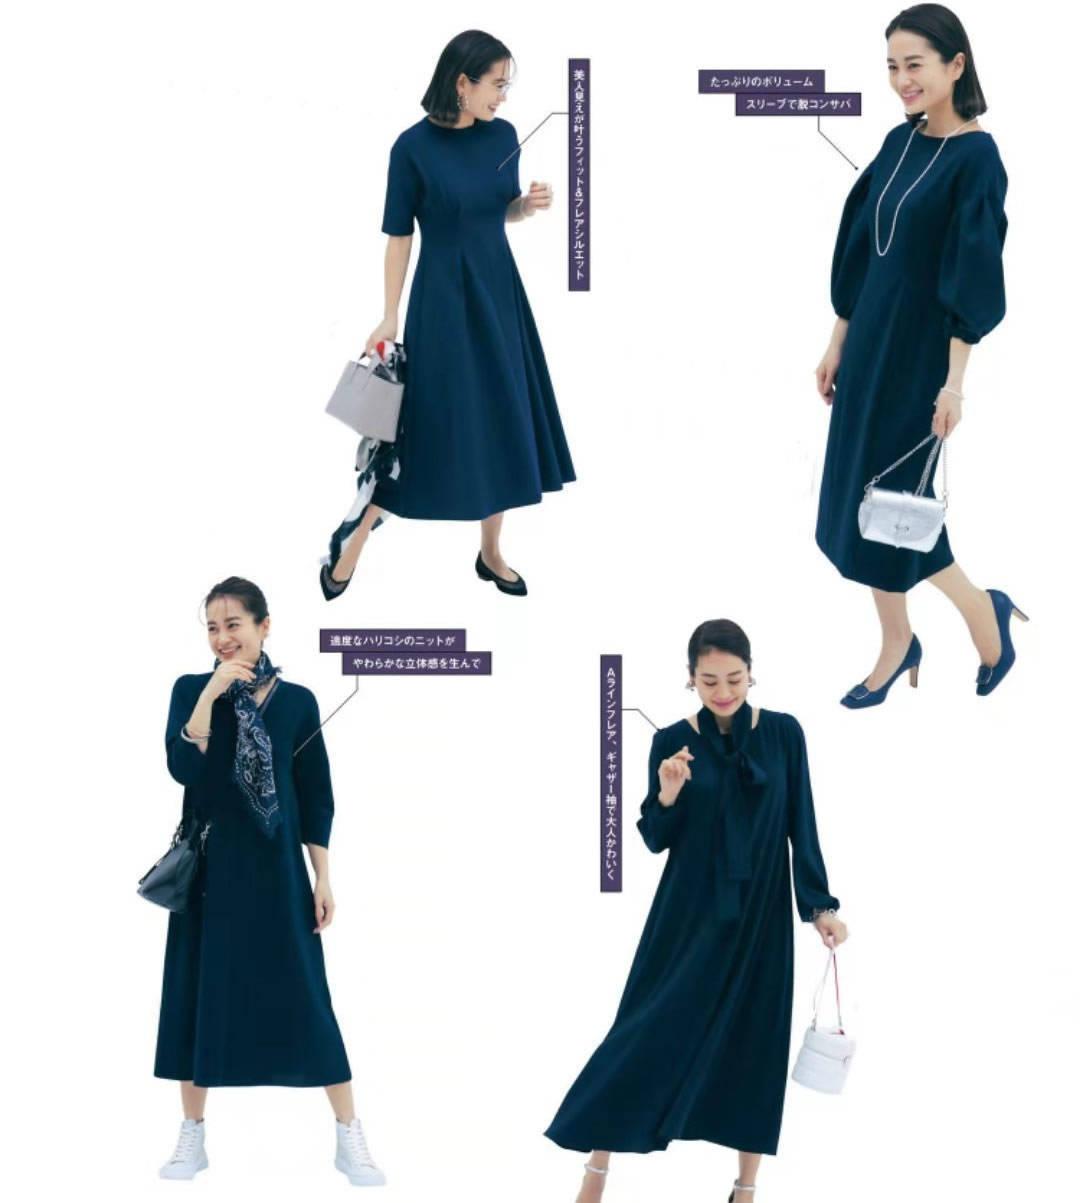 2021年初夏穿什么?9类单品、多种穿搭方案,给足你穿衣灵感 (图20)